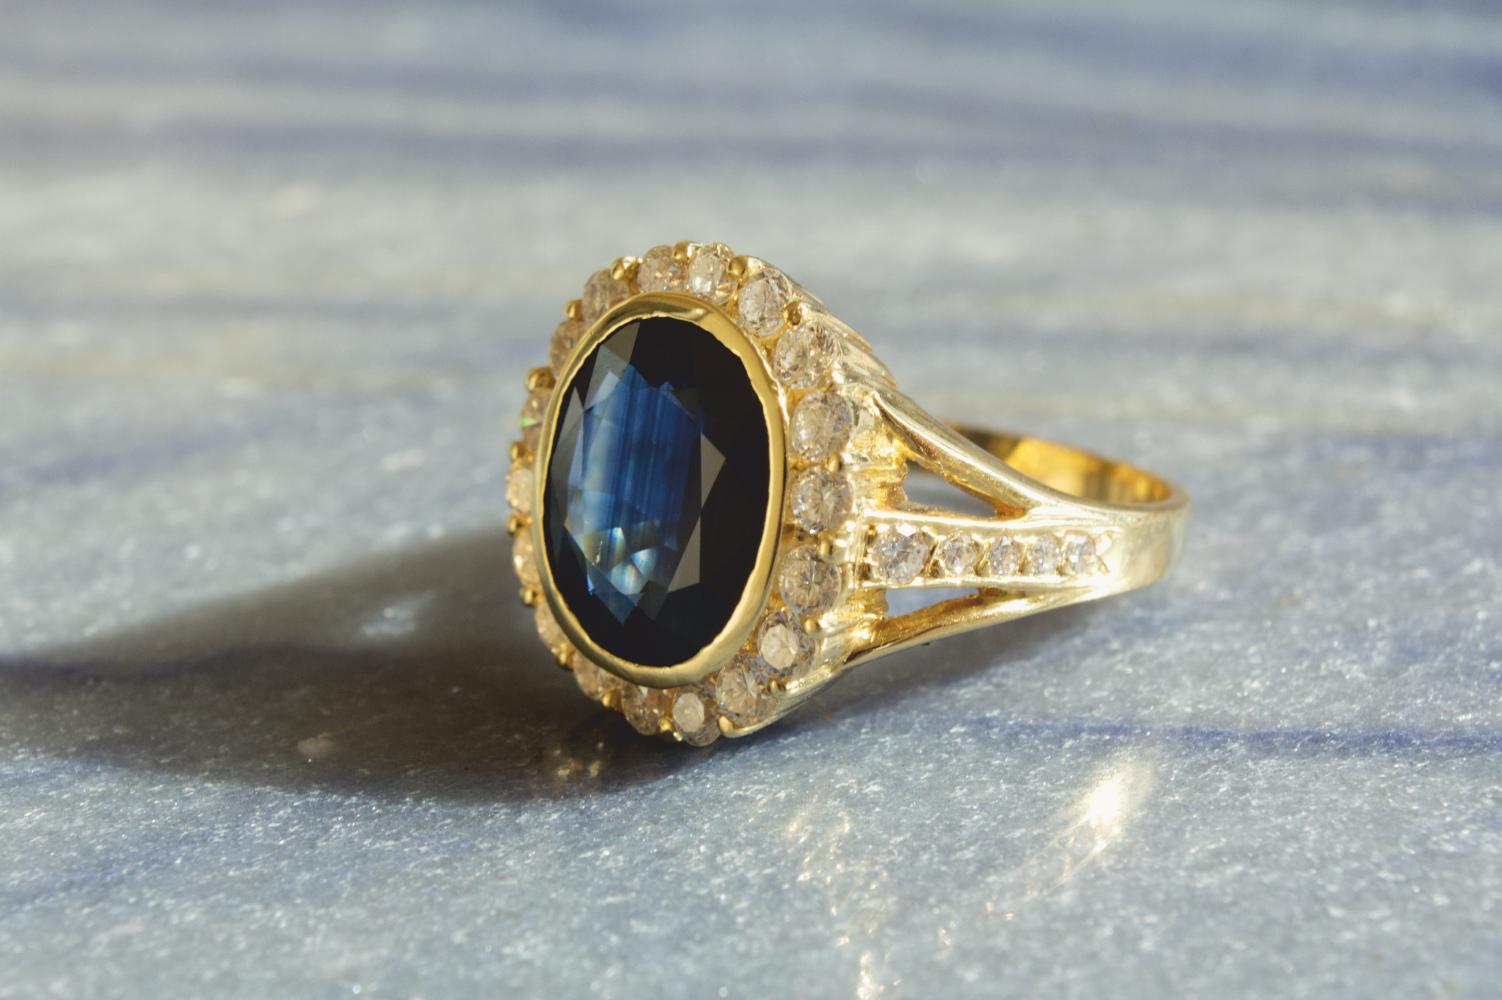 Eleganter Ring mit großem Saphir und Brillanten in Gelbgold in schöner Stimmung mit Softproof